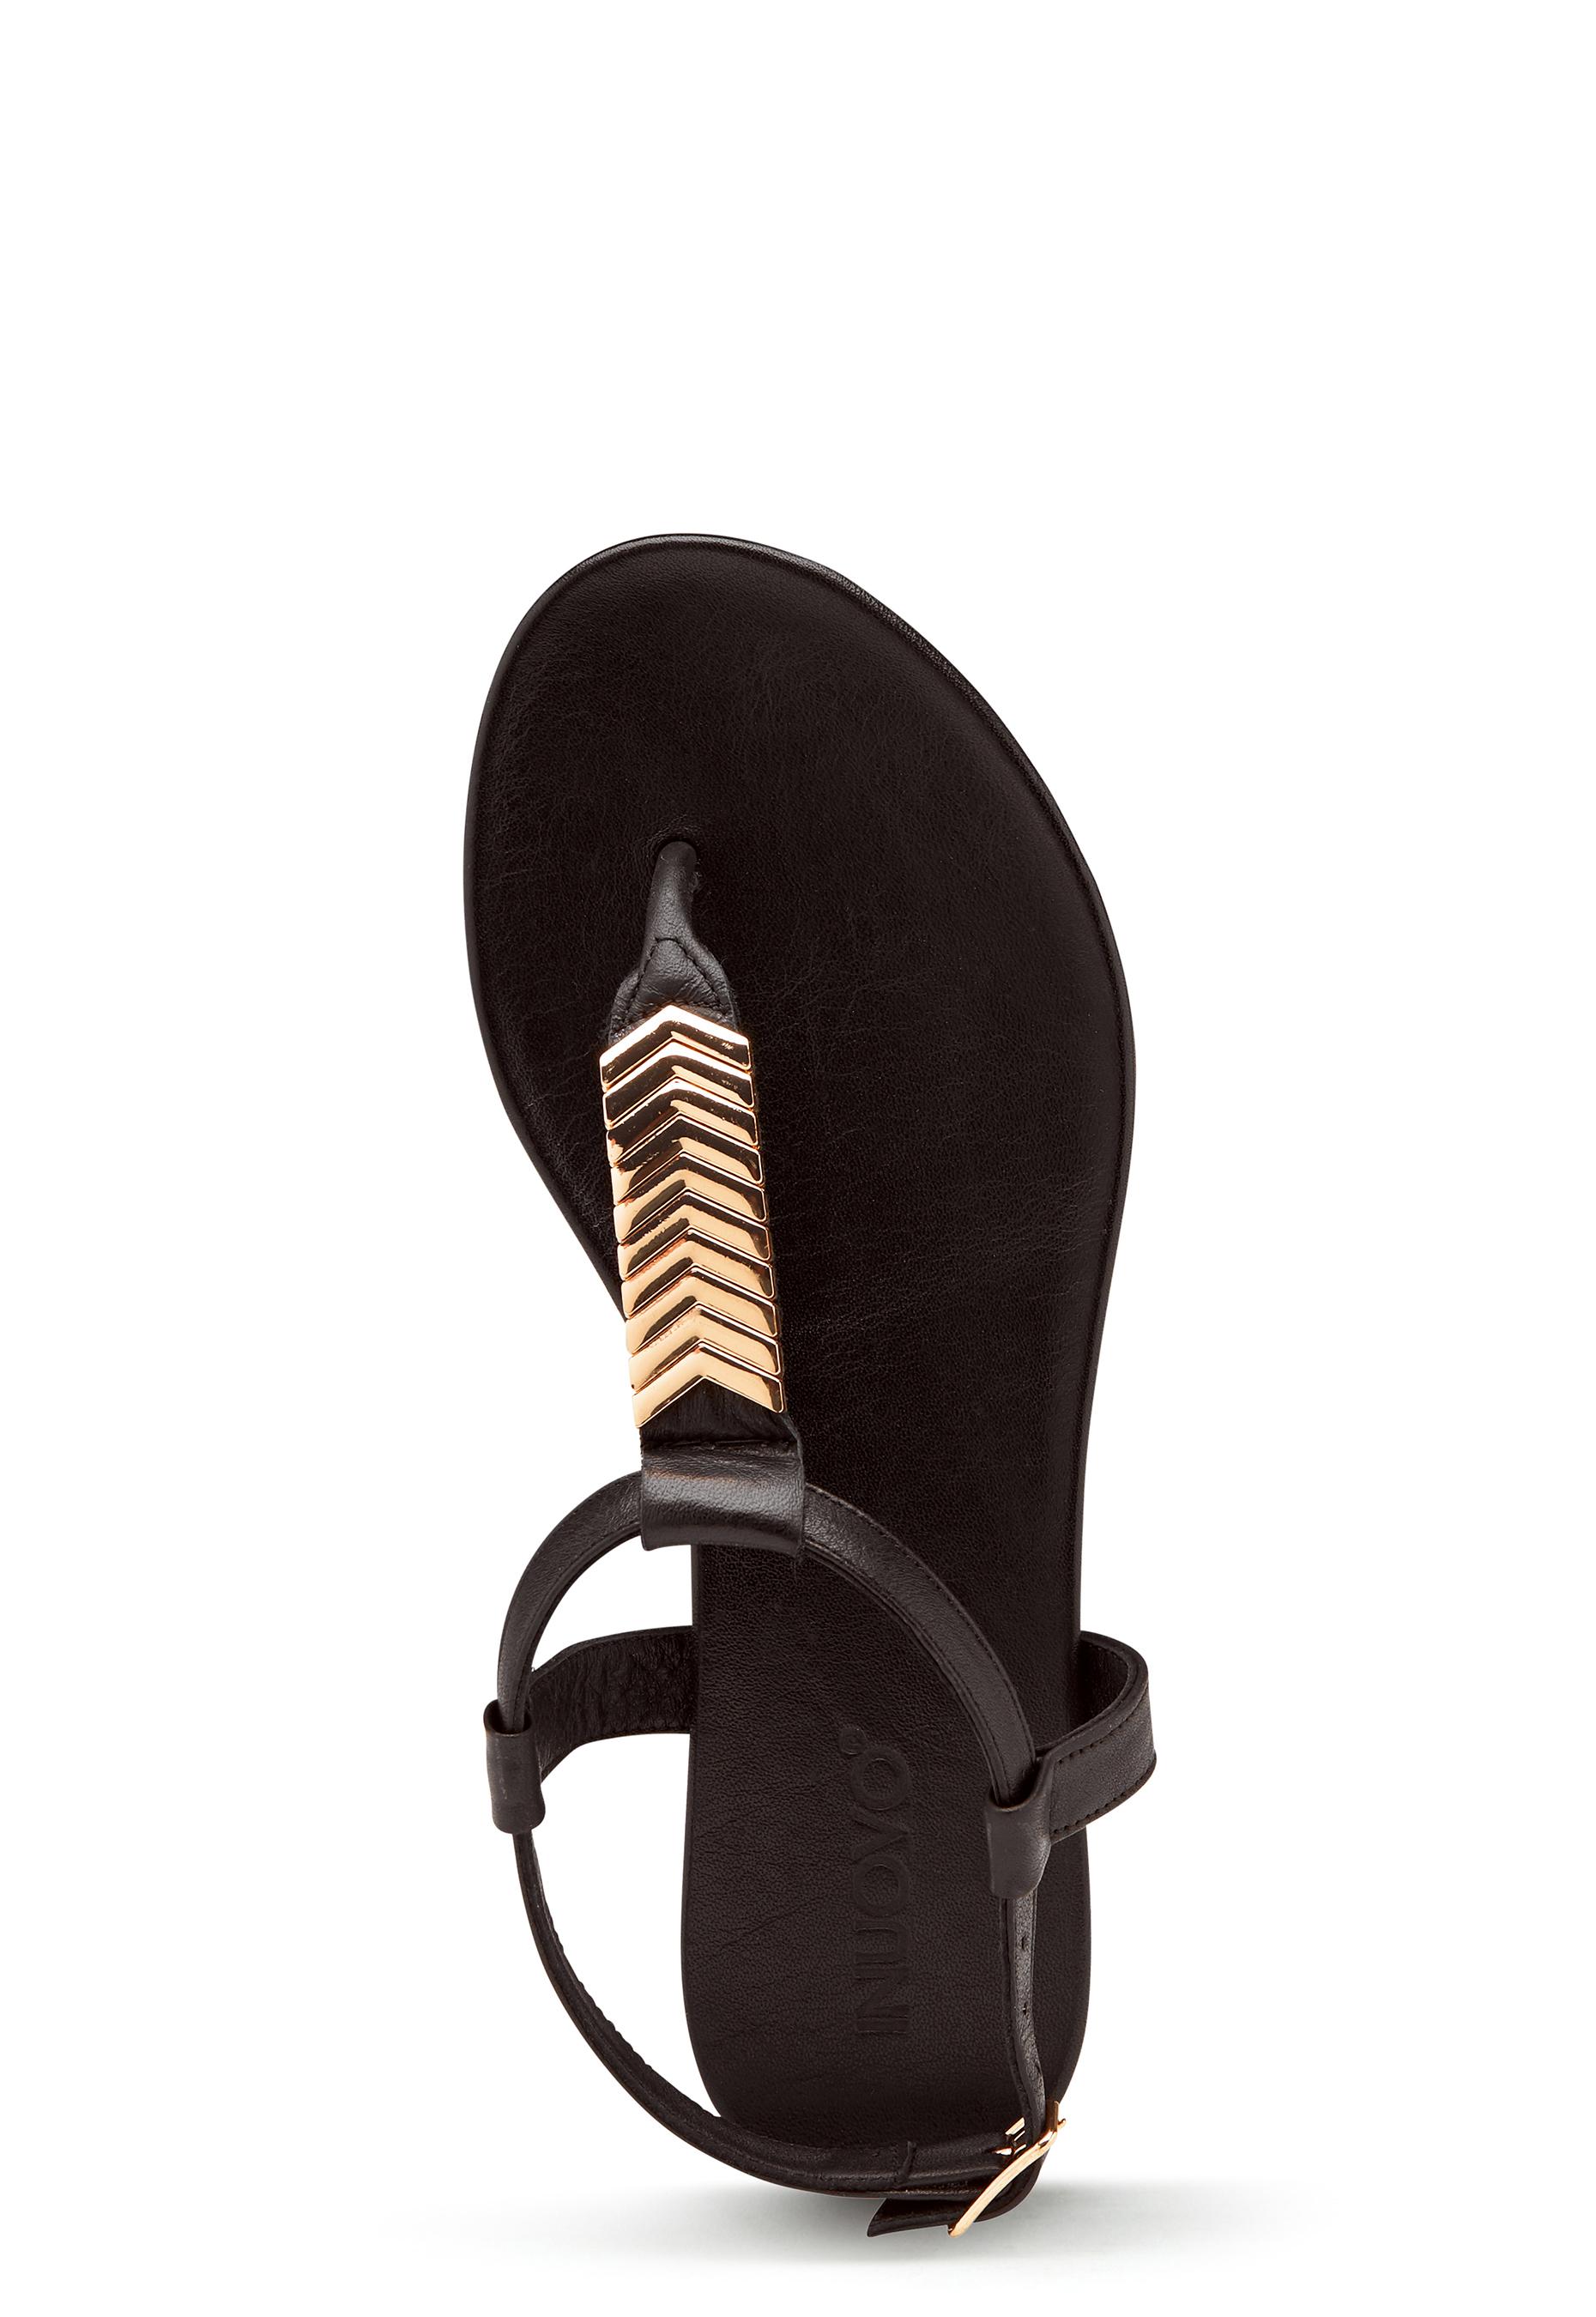 INUOVO 101029 Sandals Black Bubbleroom